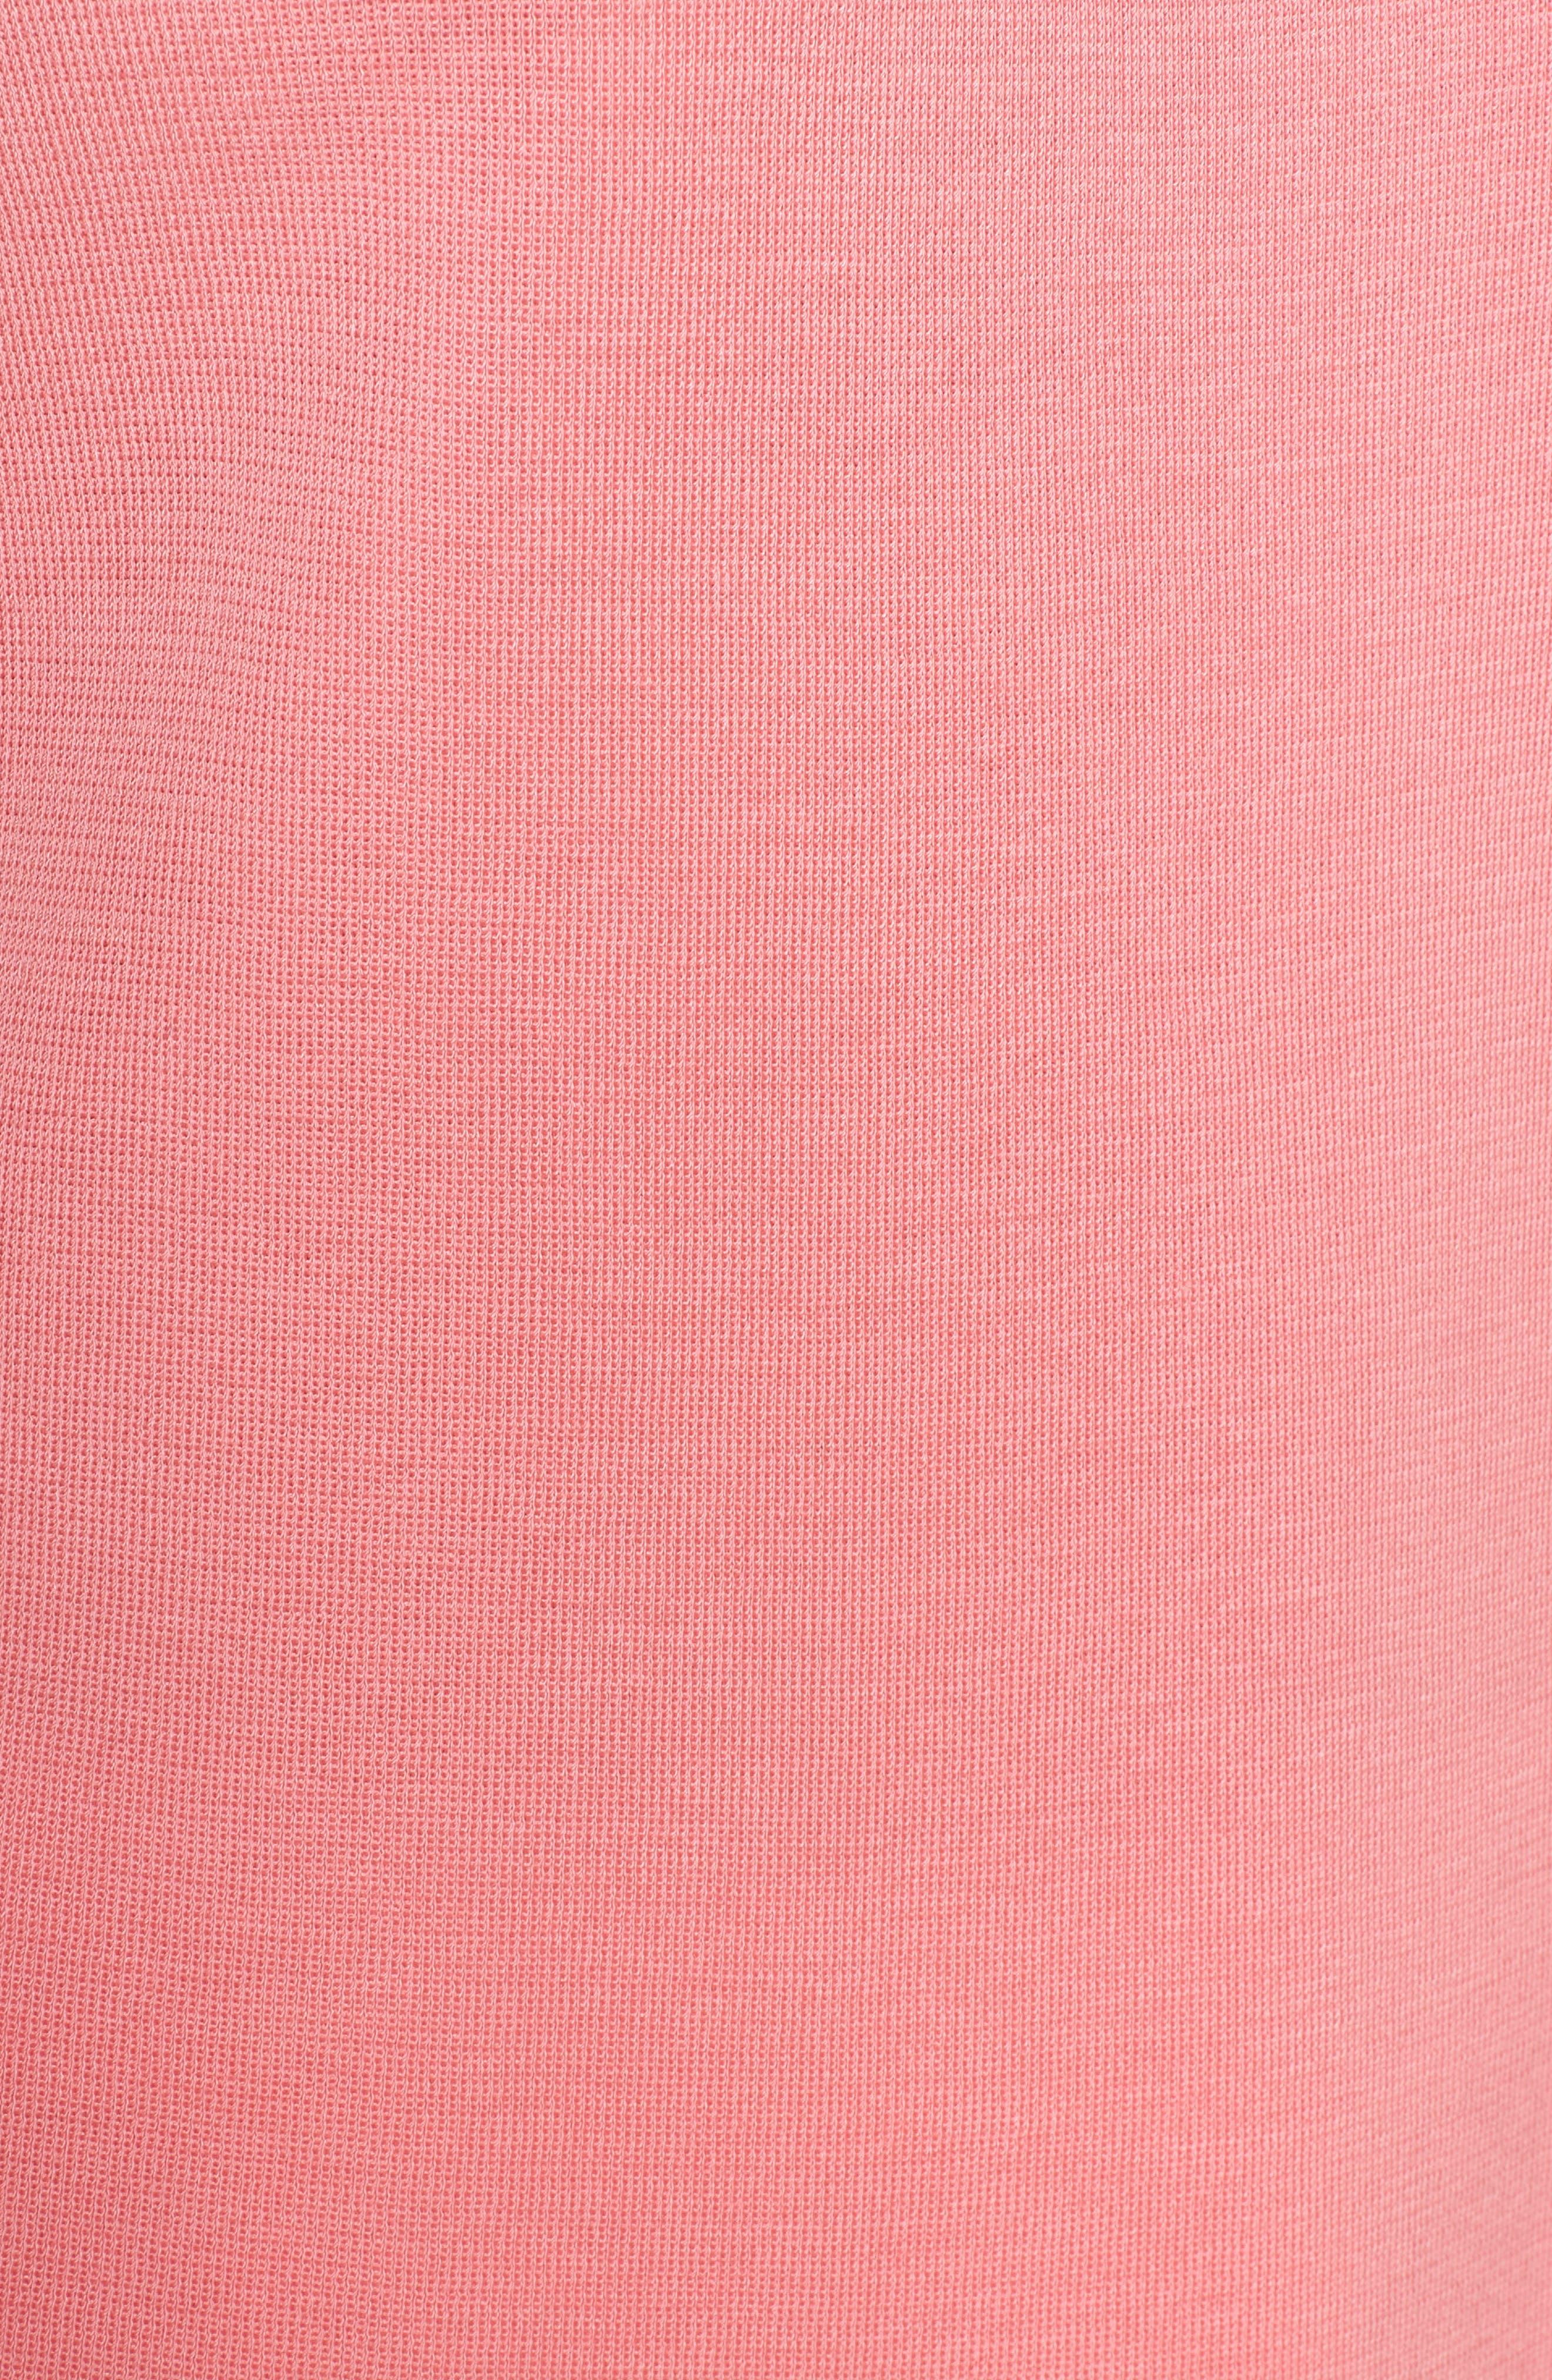 Stripe Neckline Tank,                             Alternate thumbnail 5, color,                             Pink Lemonade/ Black/ White